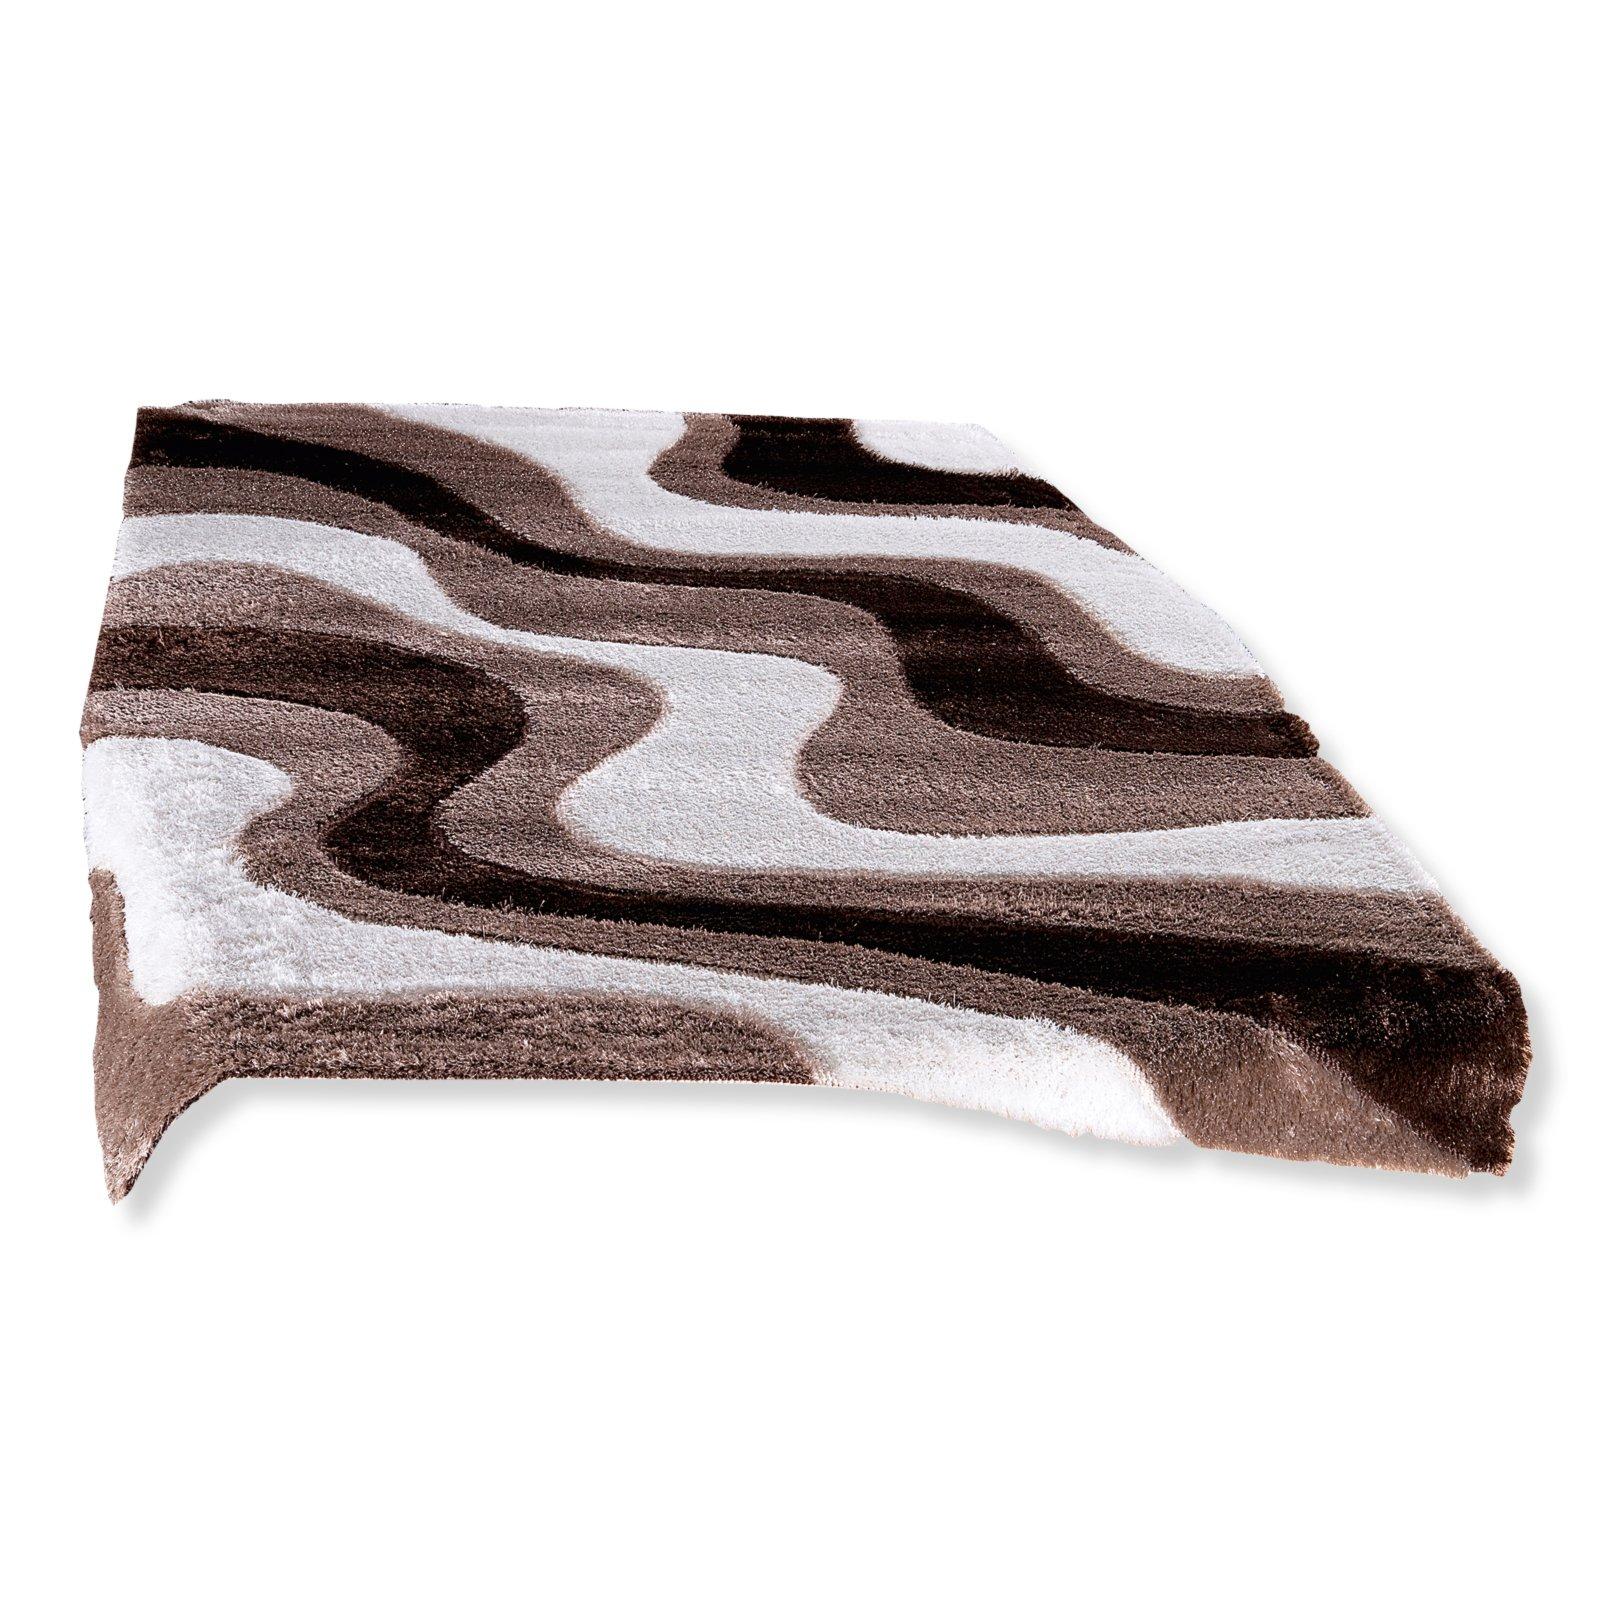 hochflor teppich paris lurex braun 120x170 cm. Black Bedroom Furniture Sets. Home Design Ideas